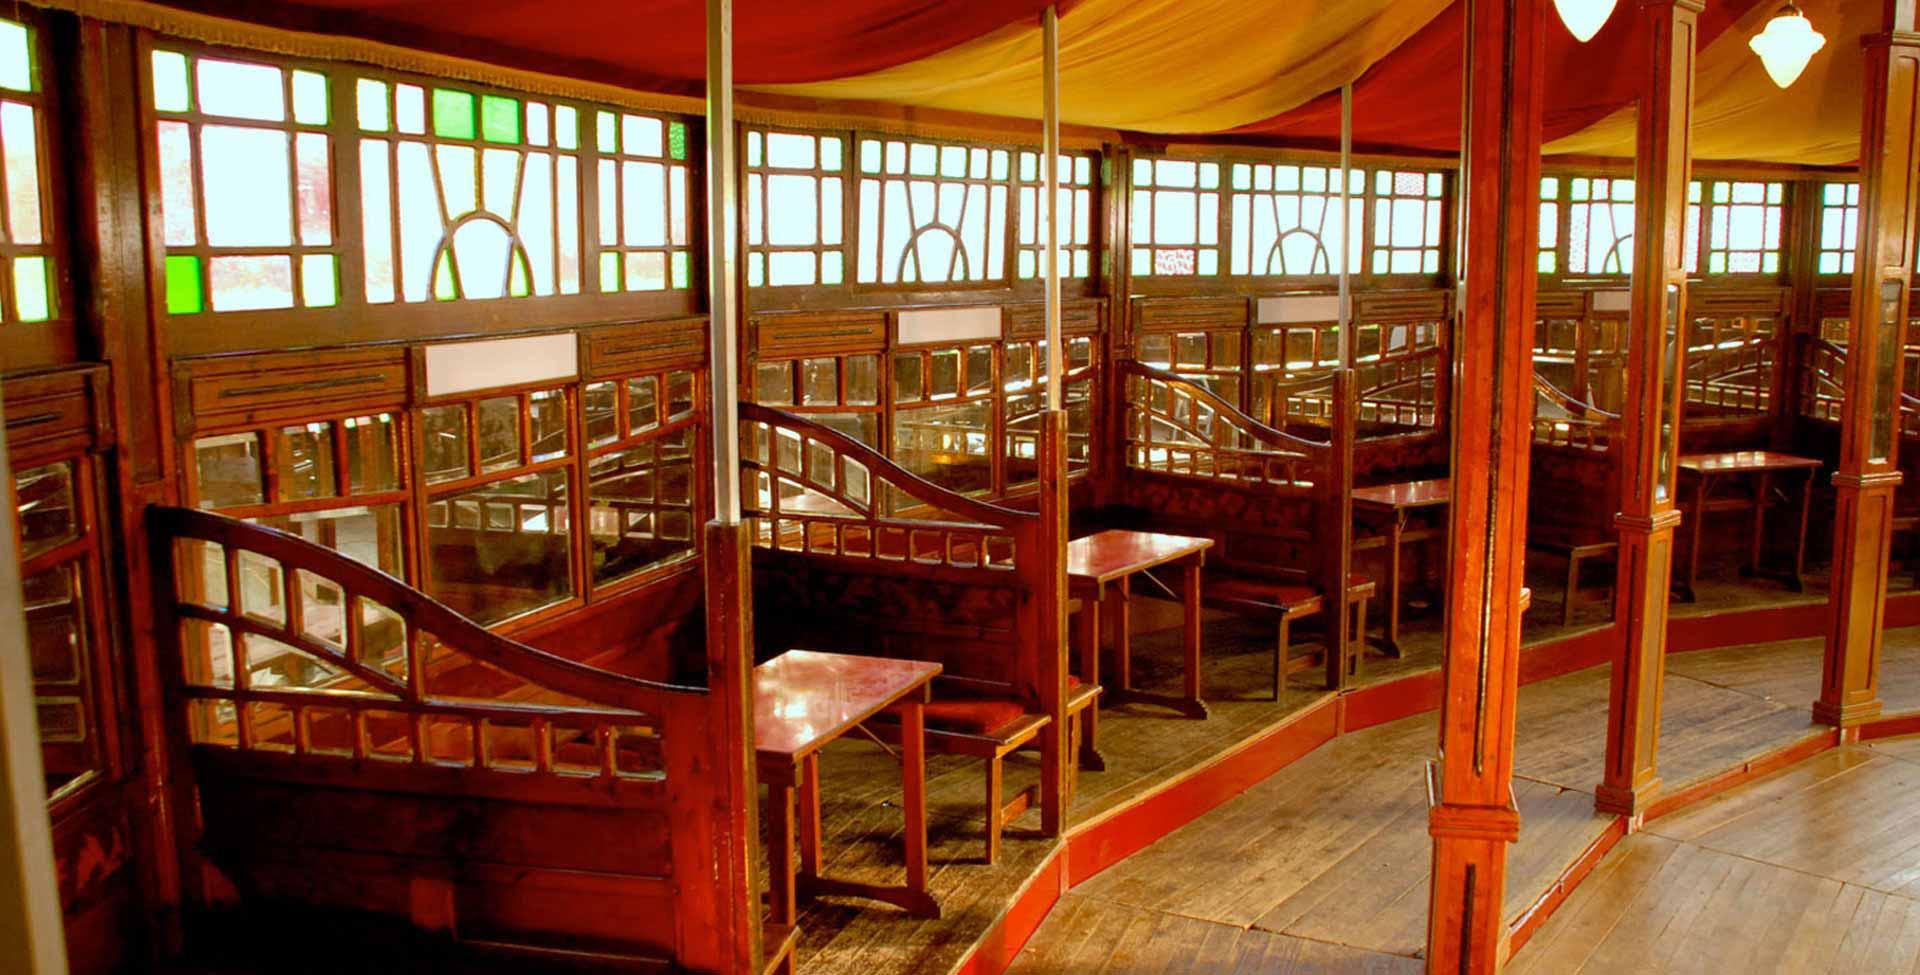 ... Tables spiegeltent Romantiek ... & Romantiek Spiegeltent | Van Rosmalen Spiegeltenten